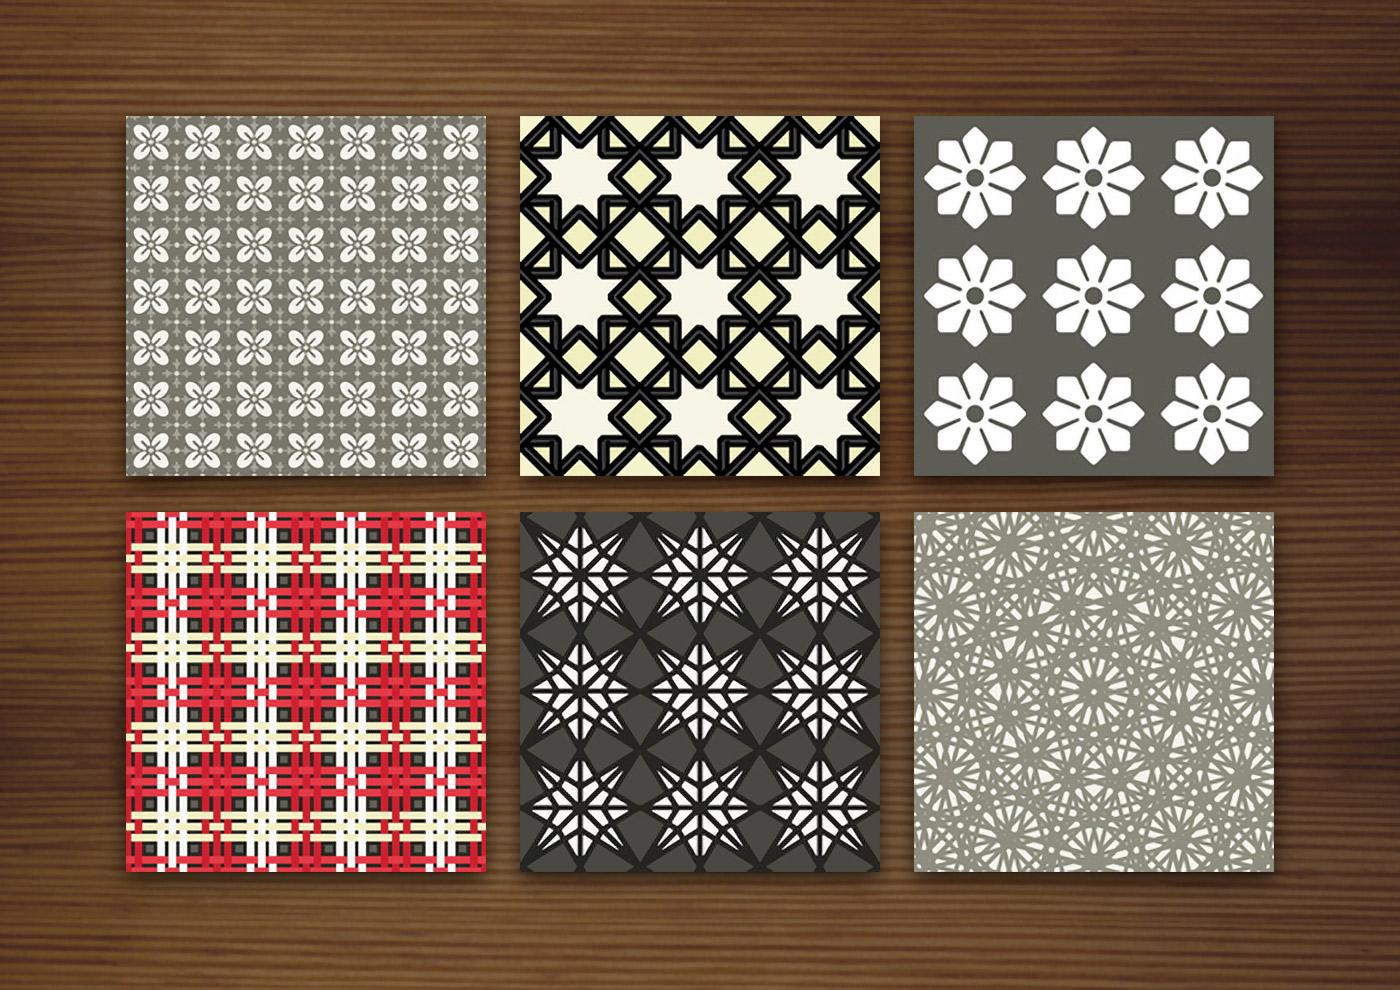 Grafik Design für dunkle Muster für Stoffe, Tapeten und Papier mit Karos, Sternen, Arabesken und Blumen für Produkte und Aufdrucke